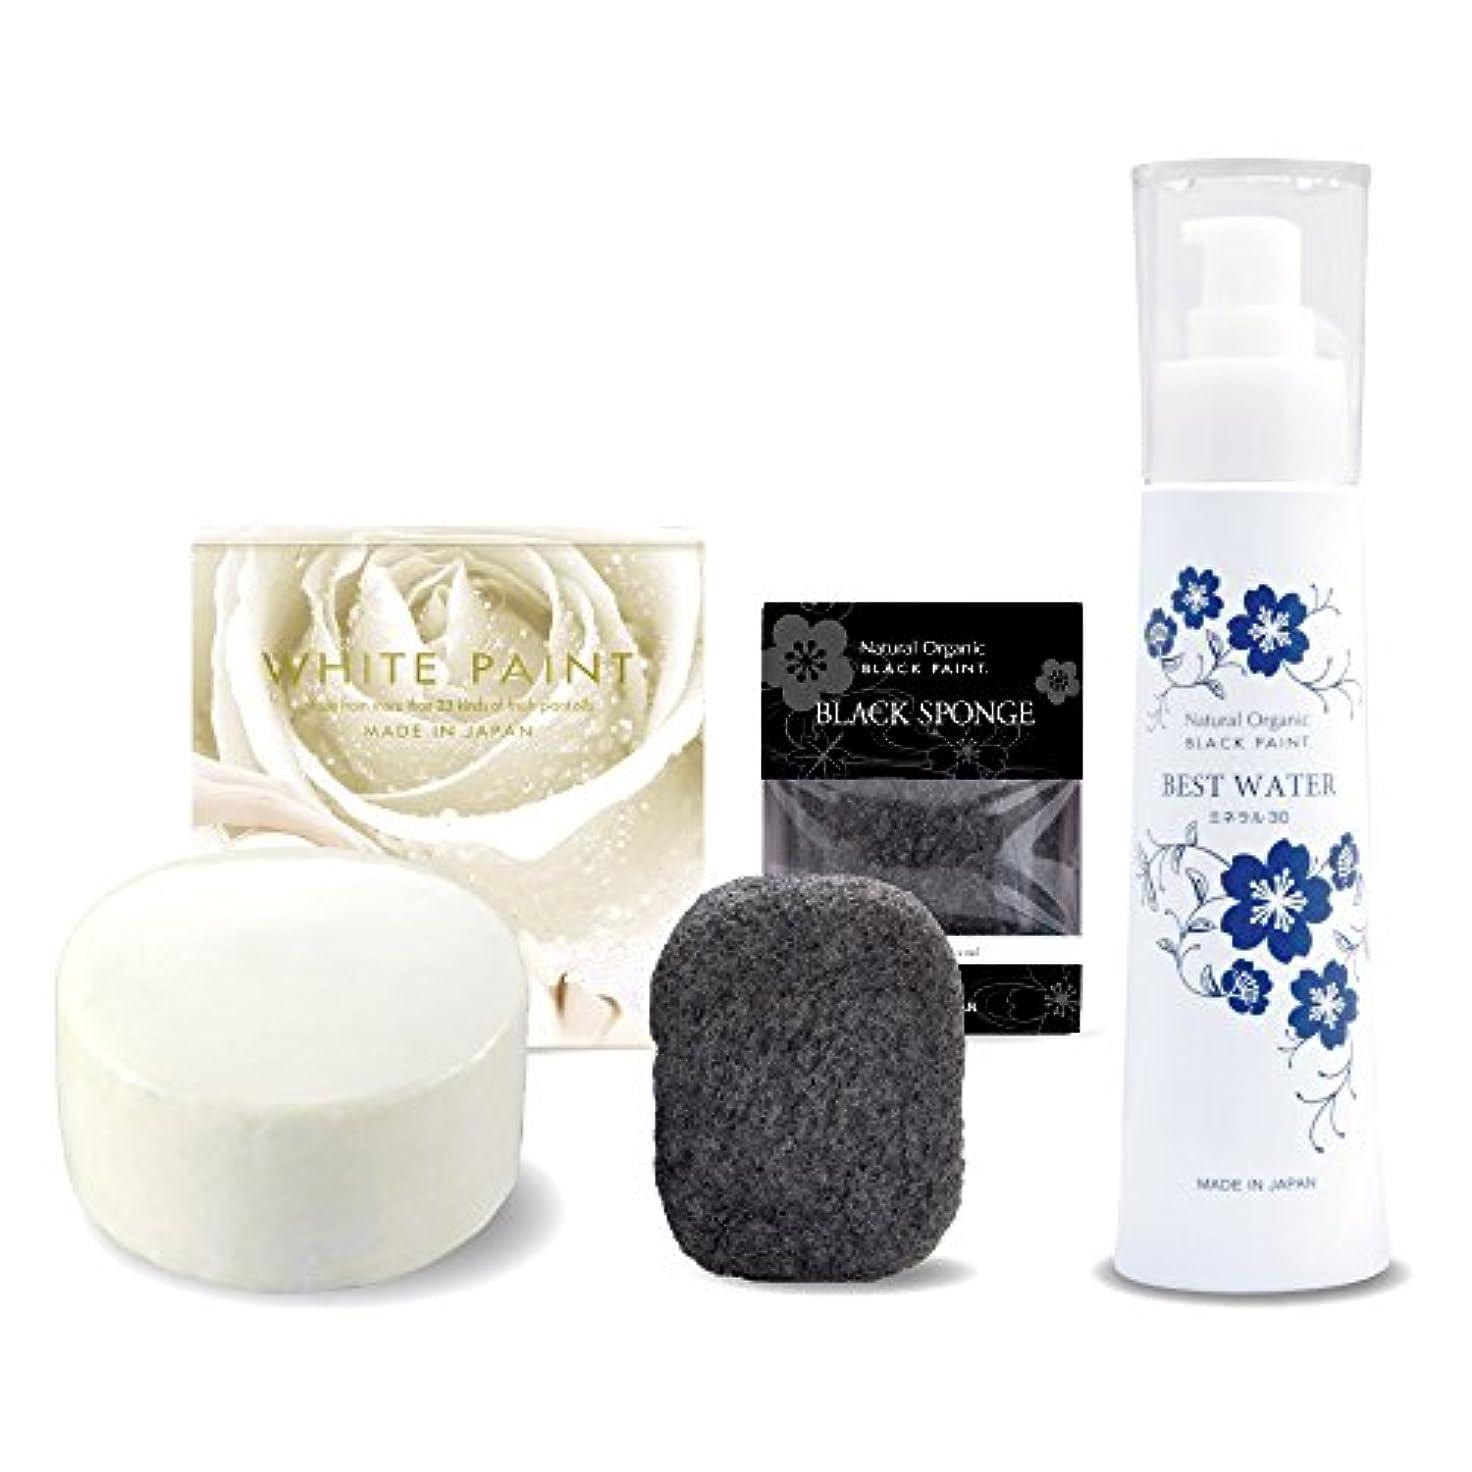 葉を拾う着服集めるホワイトペイント 120g&ブラックスポンジ&ベストウォーター100ml 塗る石鹸 洗顔セット 無添加 国産